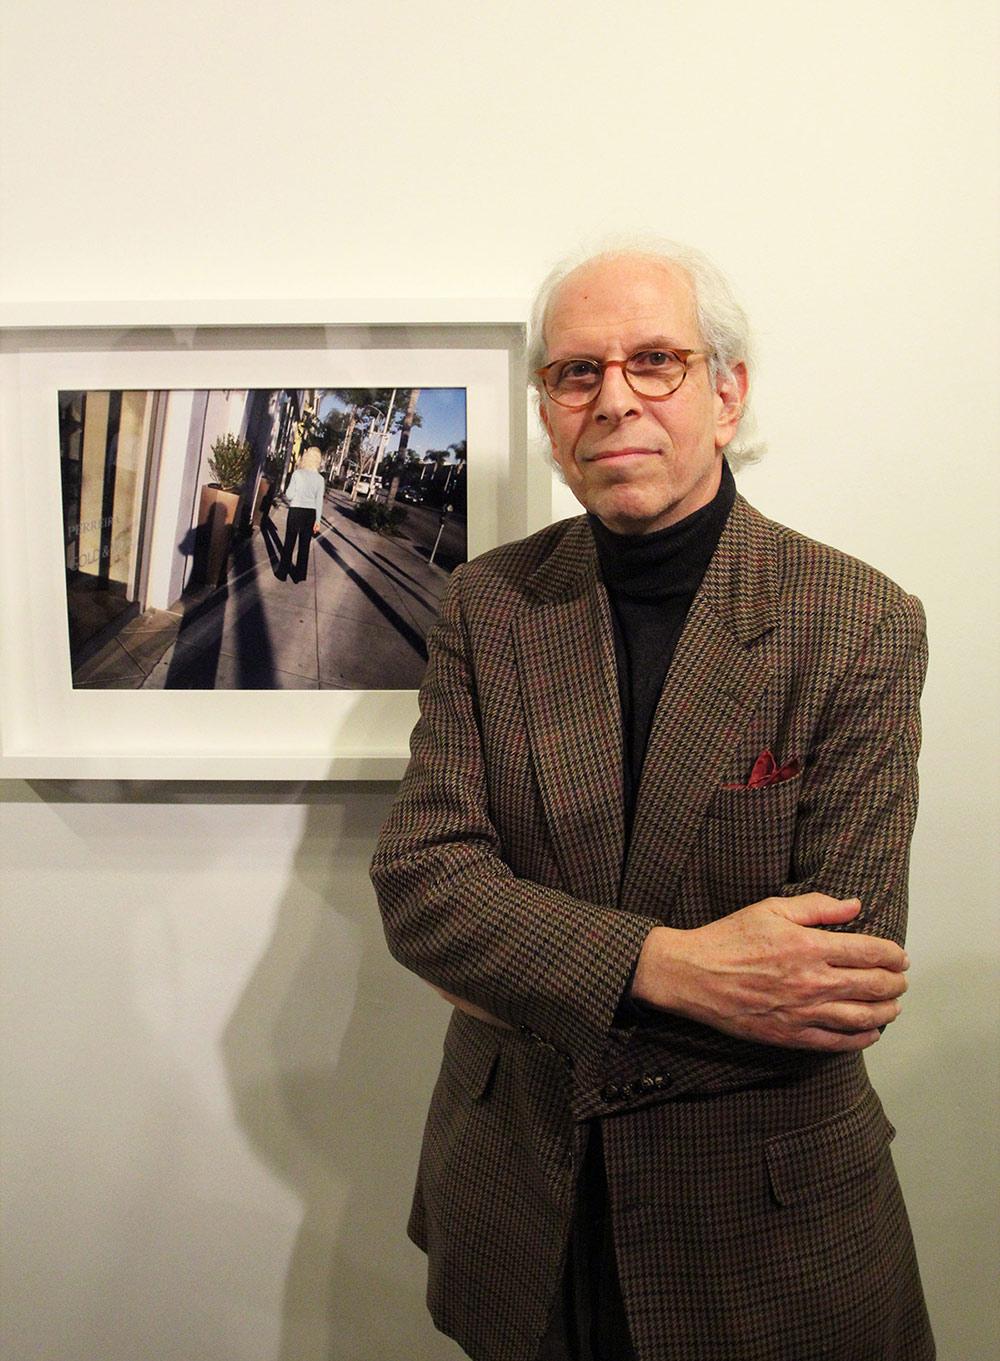 Artist Stephen Shore